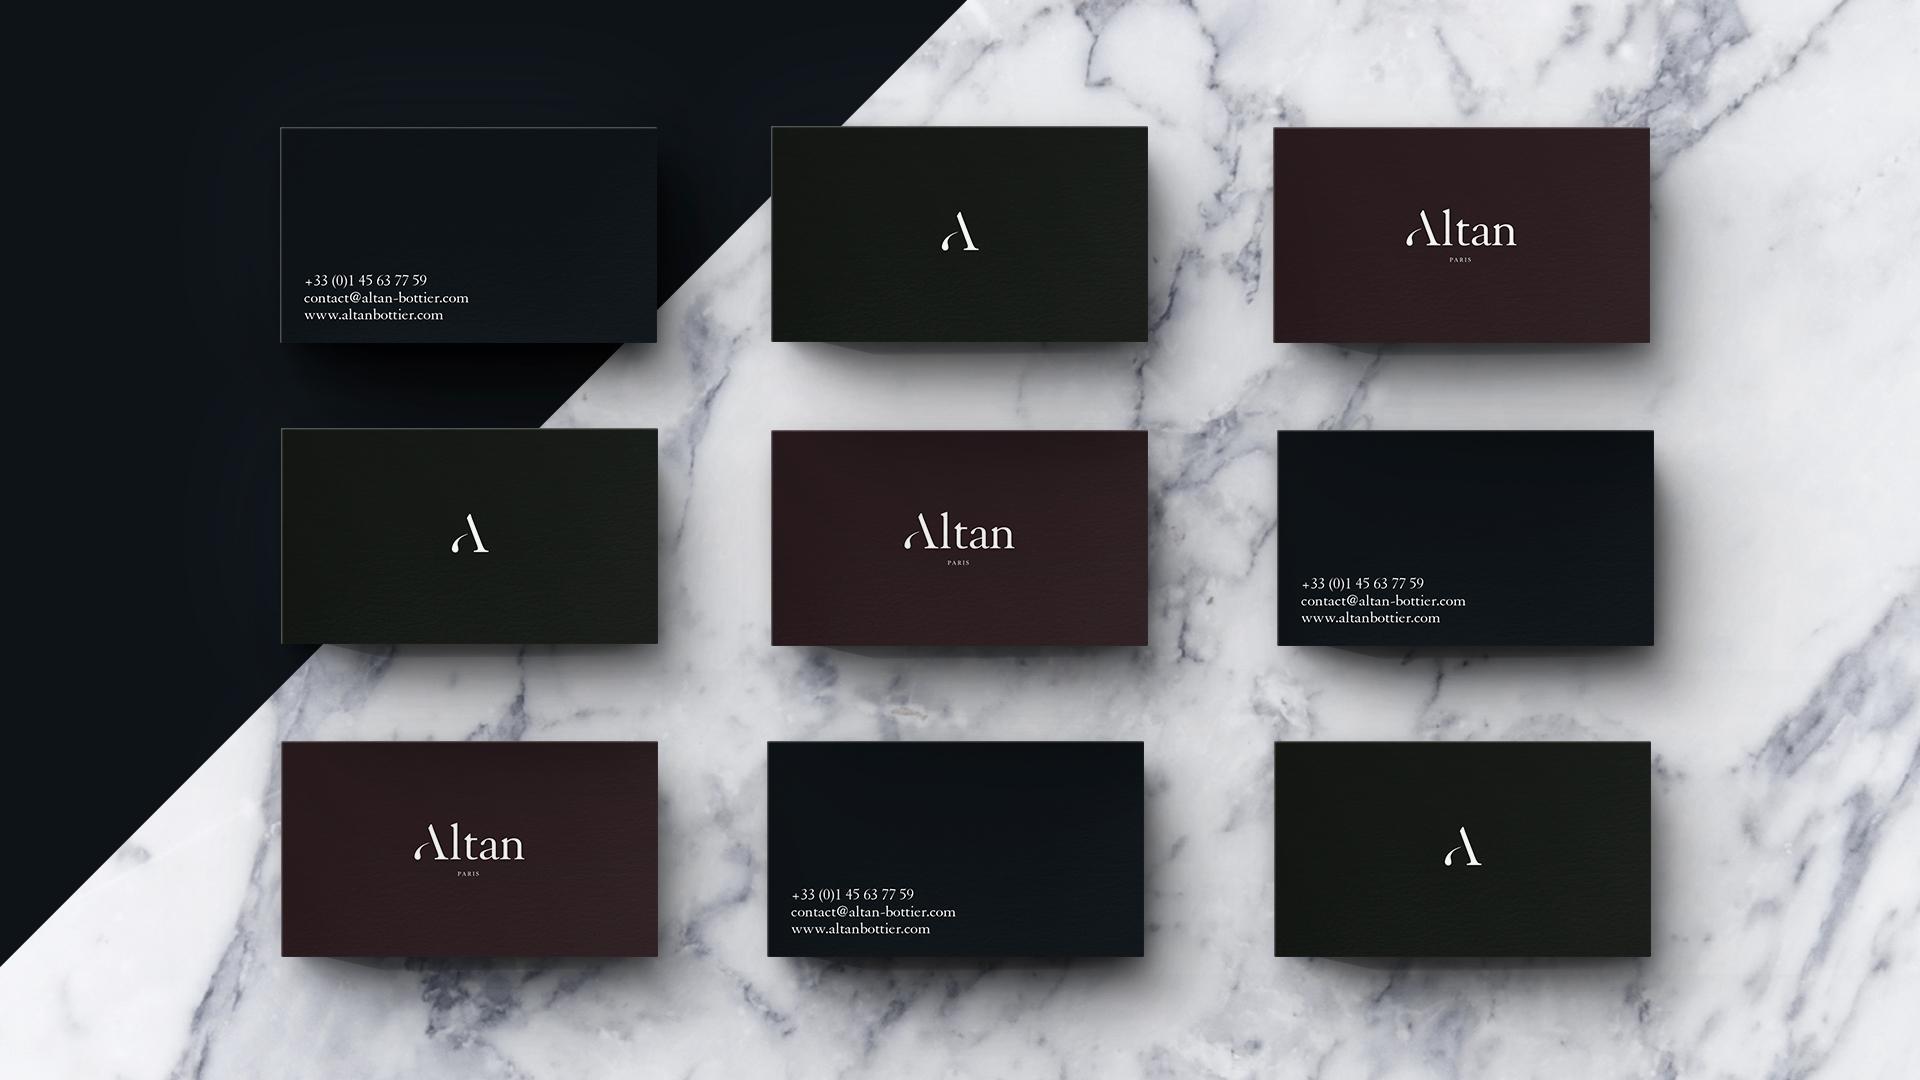 Plateforme de marque & Identité - Altan Bottier - agence Les ...